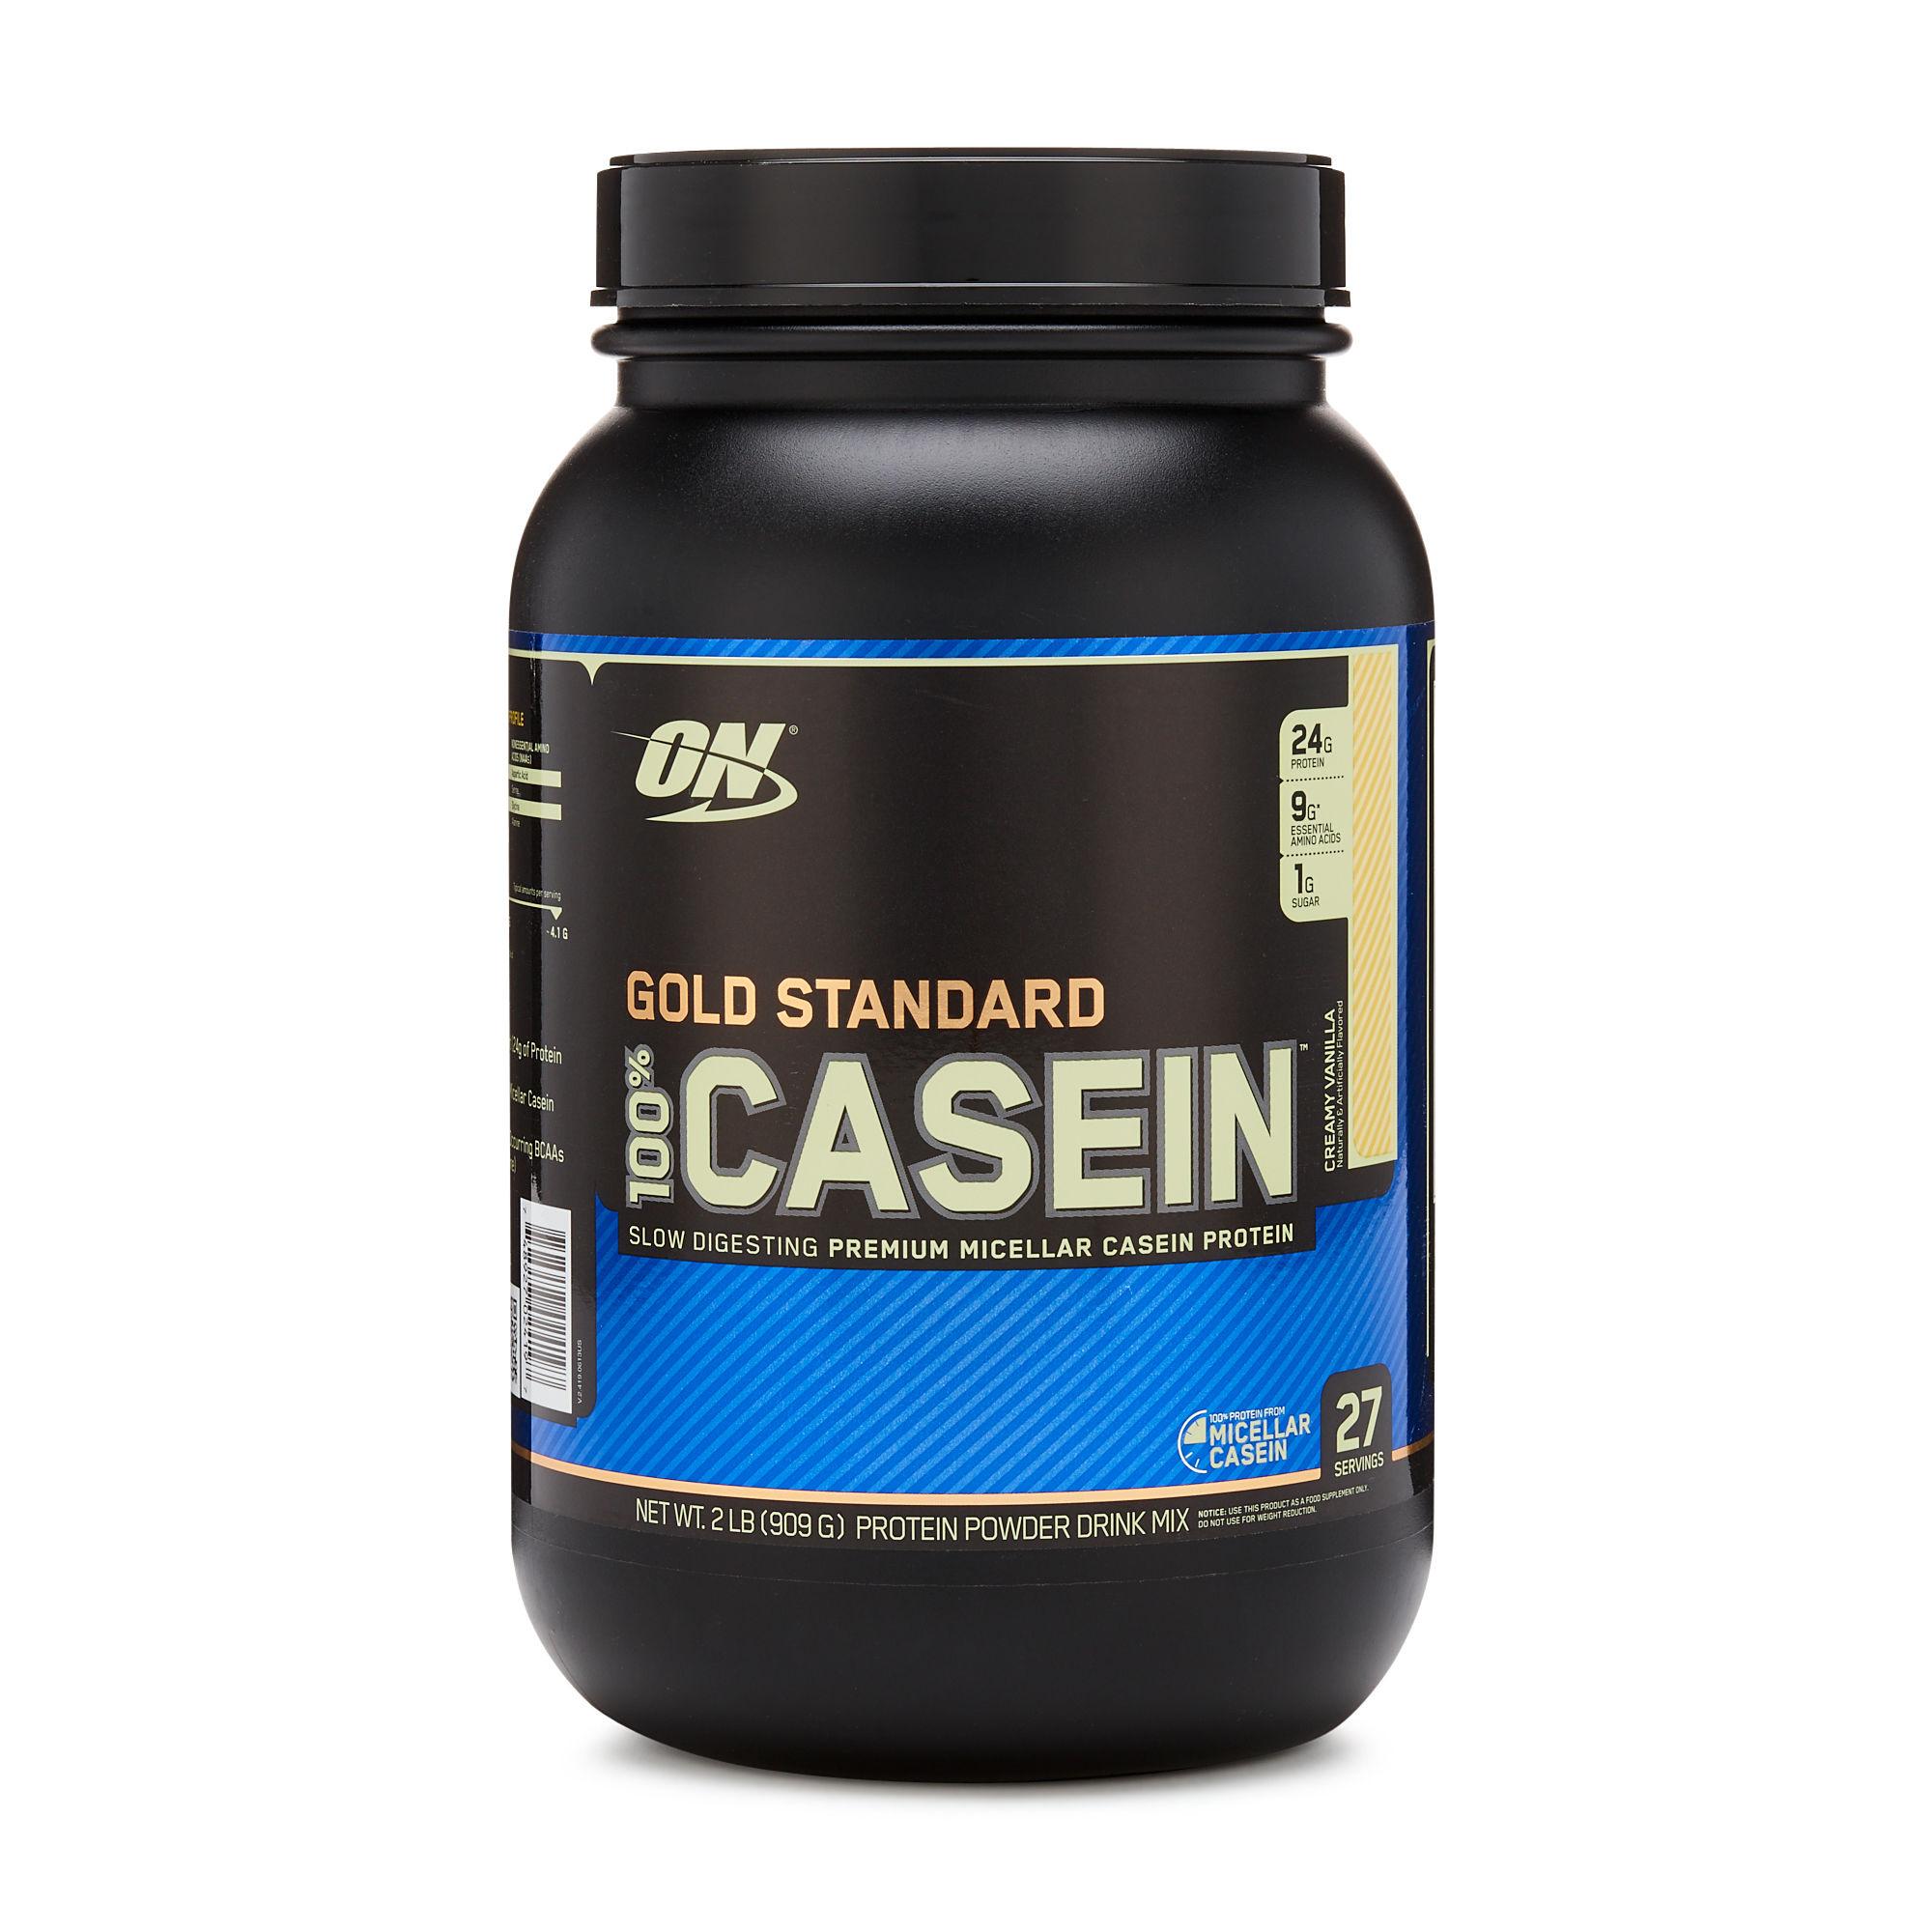 caseinprotein.jpg